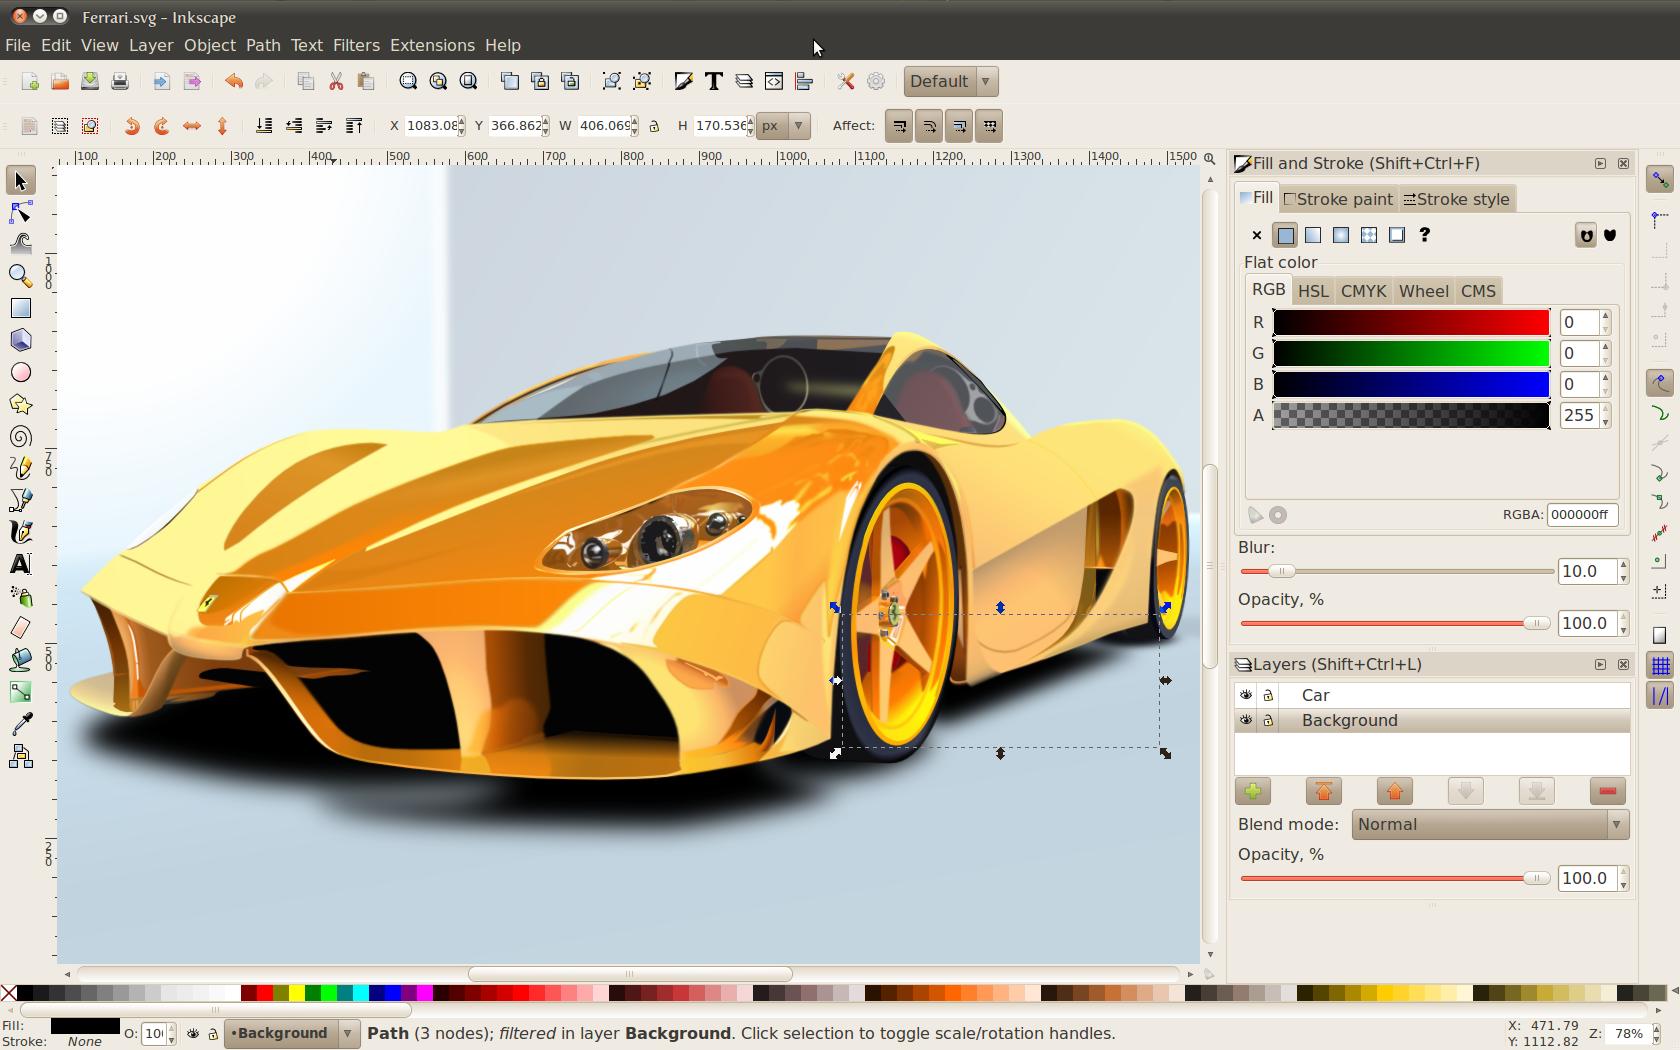 برنامج تصميم Inkscape المجاني البديل لـ Adobe Illustrator